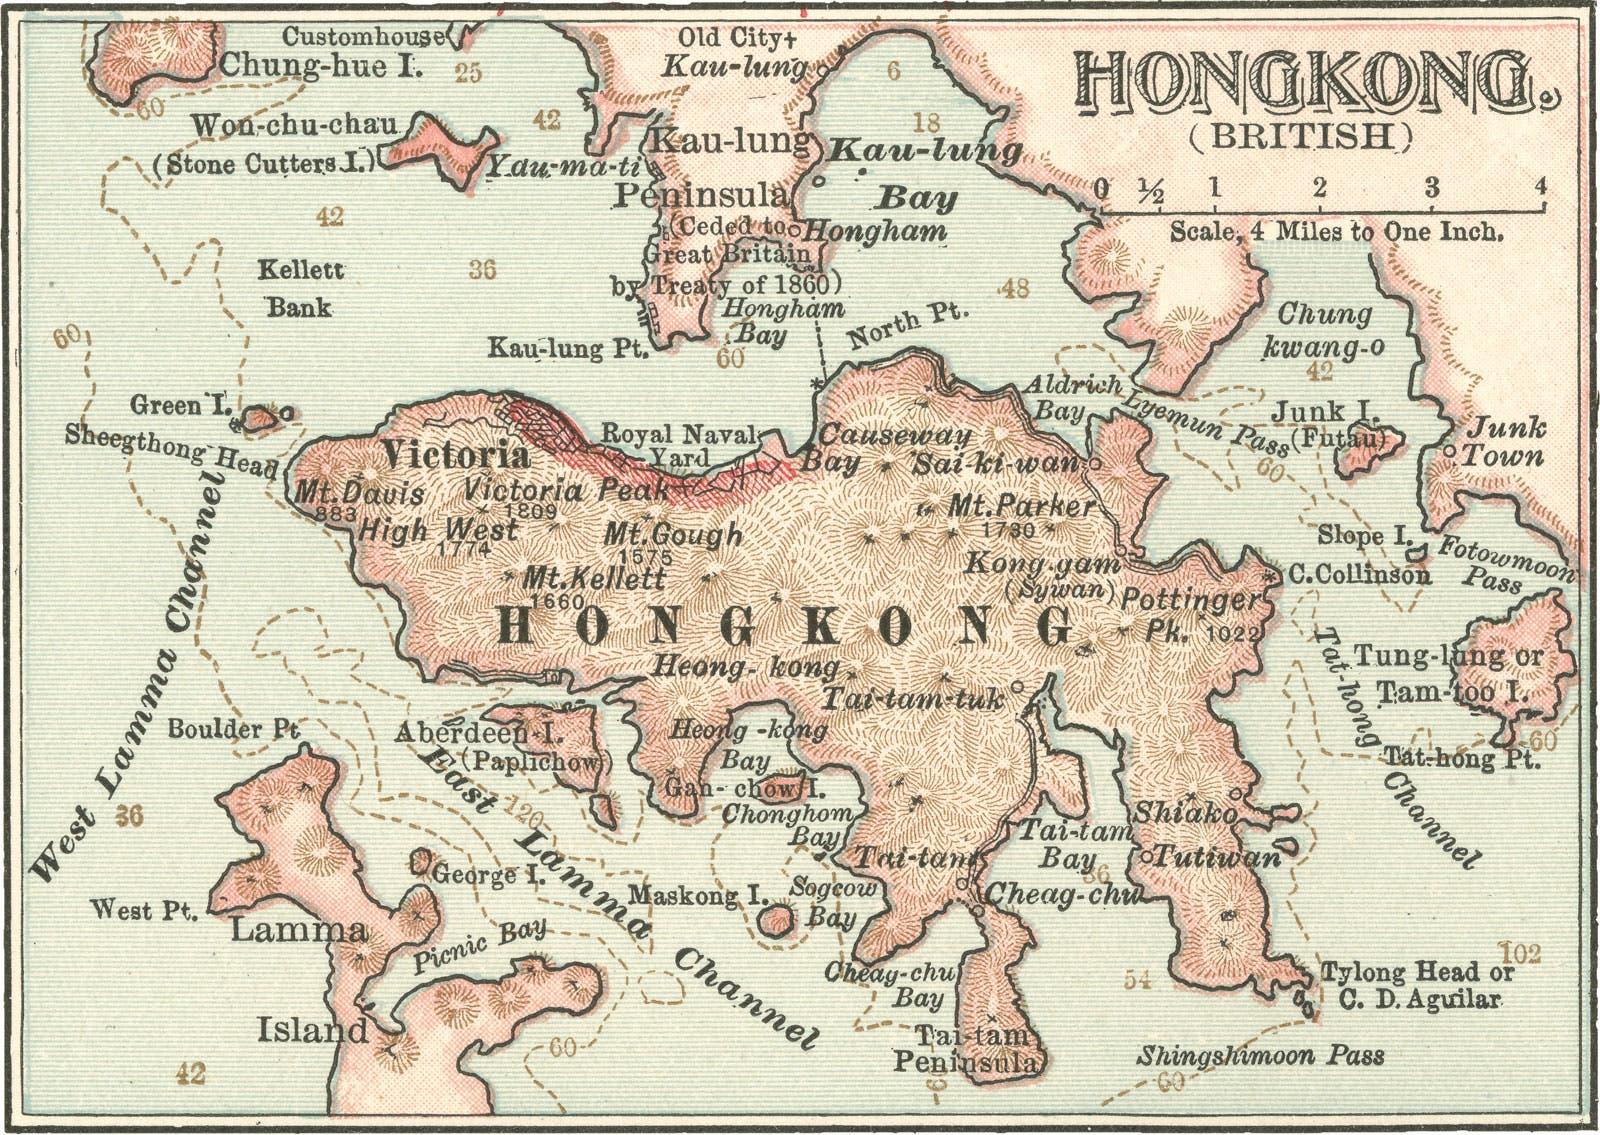 خريطة قديمة لهونغ كونغ عقب سيطرة البريطانيين عليها